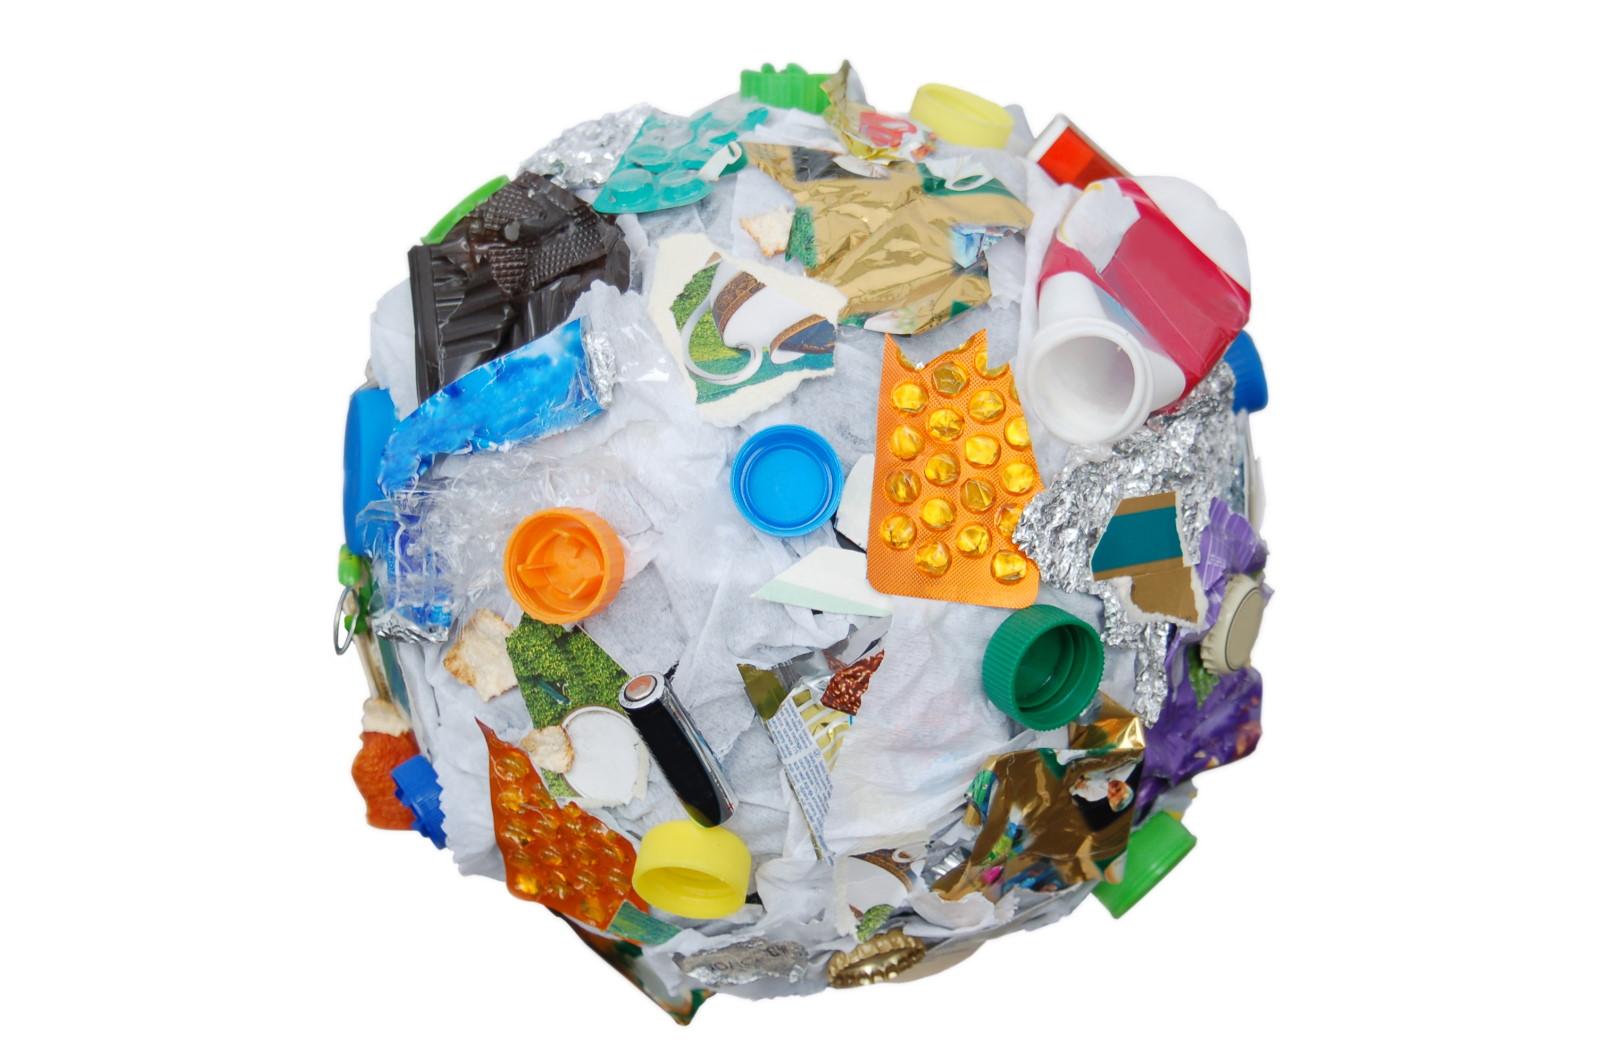 Listki doprania tomniej plastiku naświecie